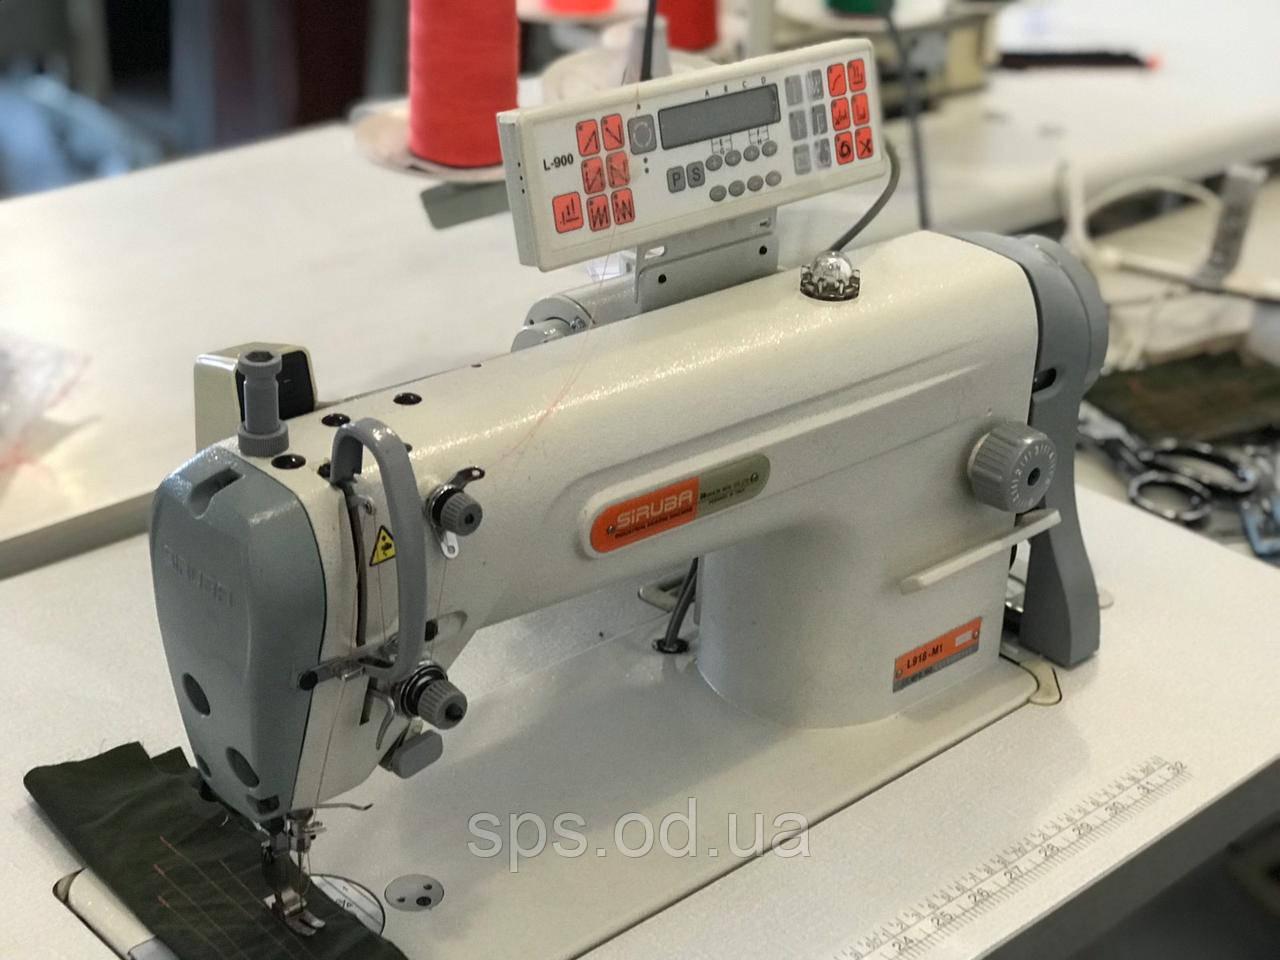 Siruba L918-M1-13